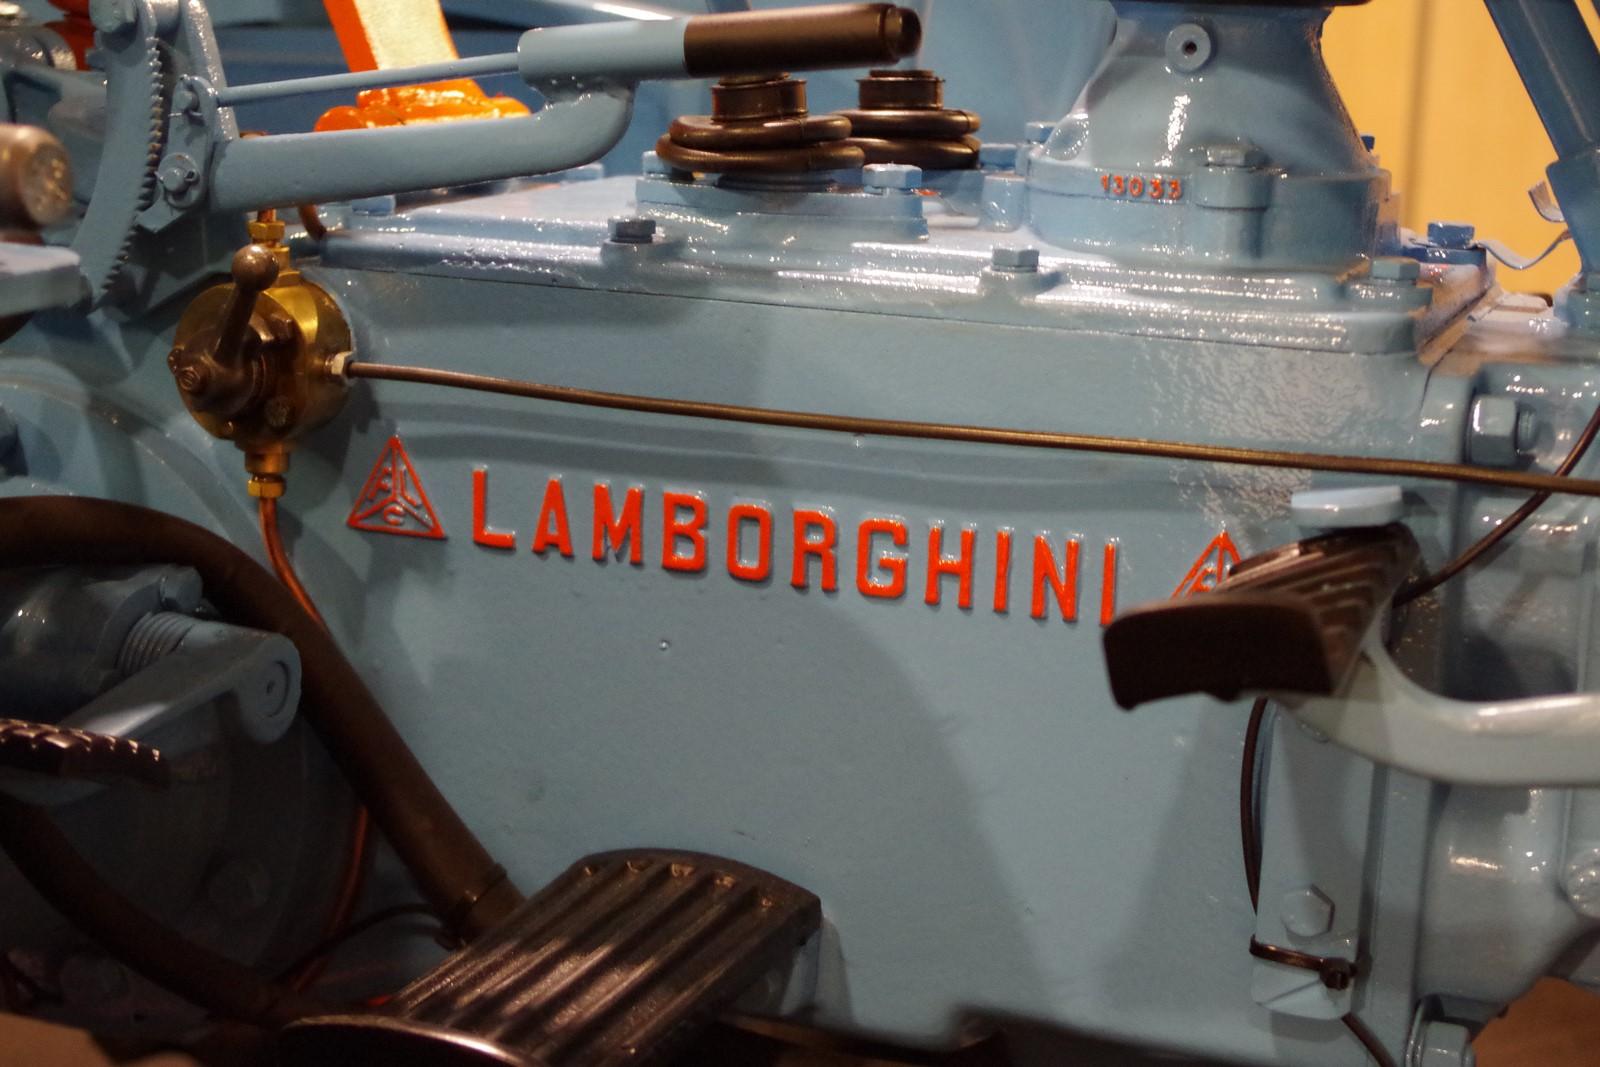 Exposition Lamborghini EpoquAuto 2018 81